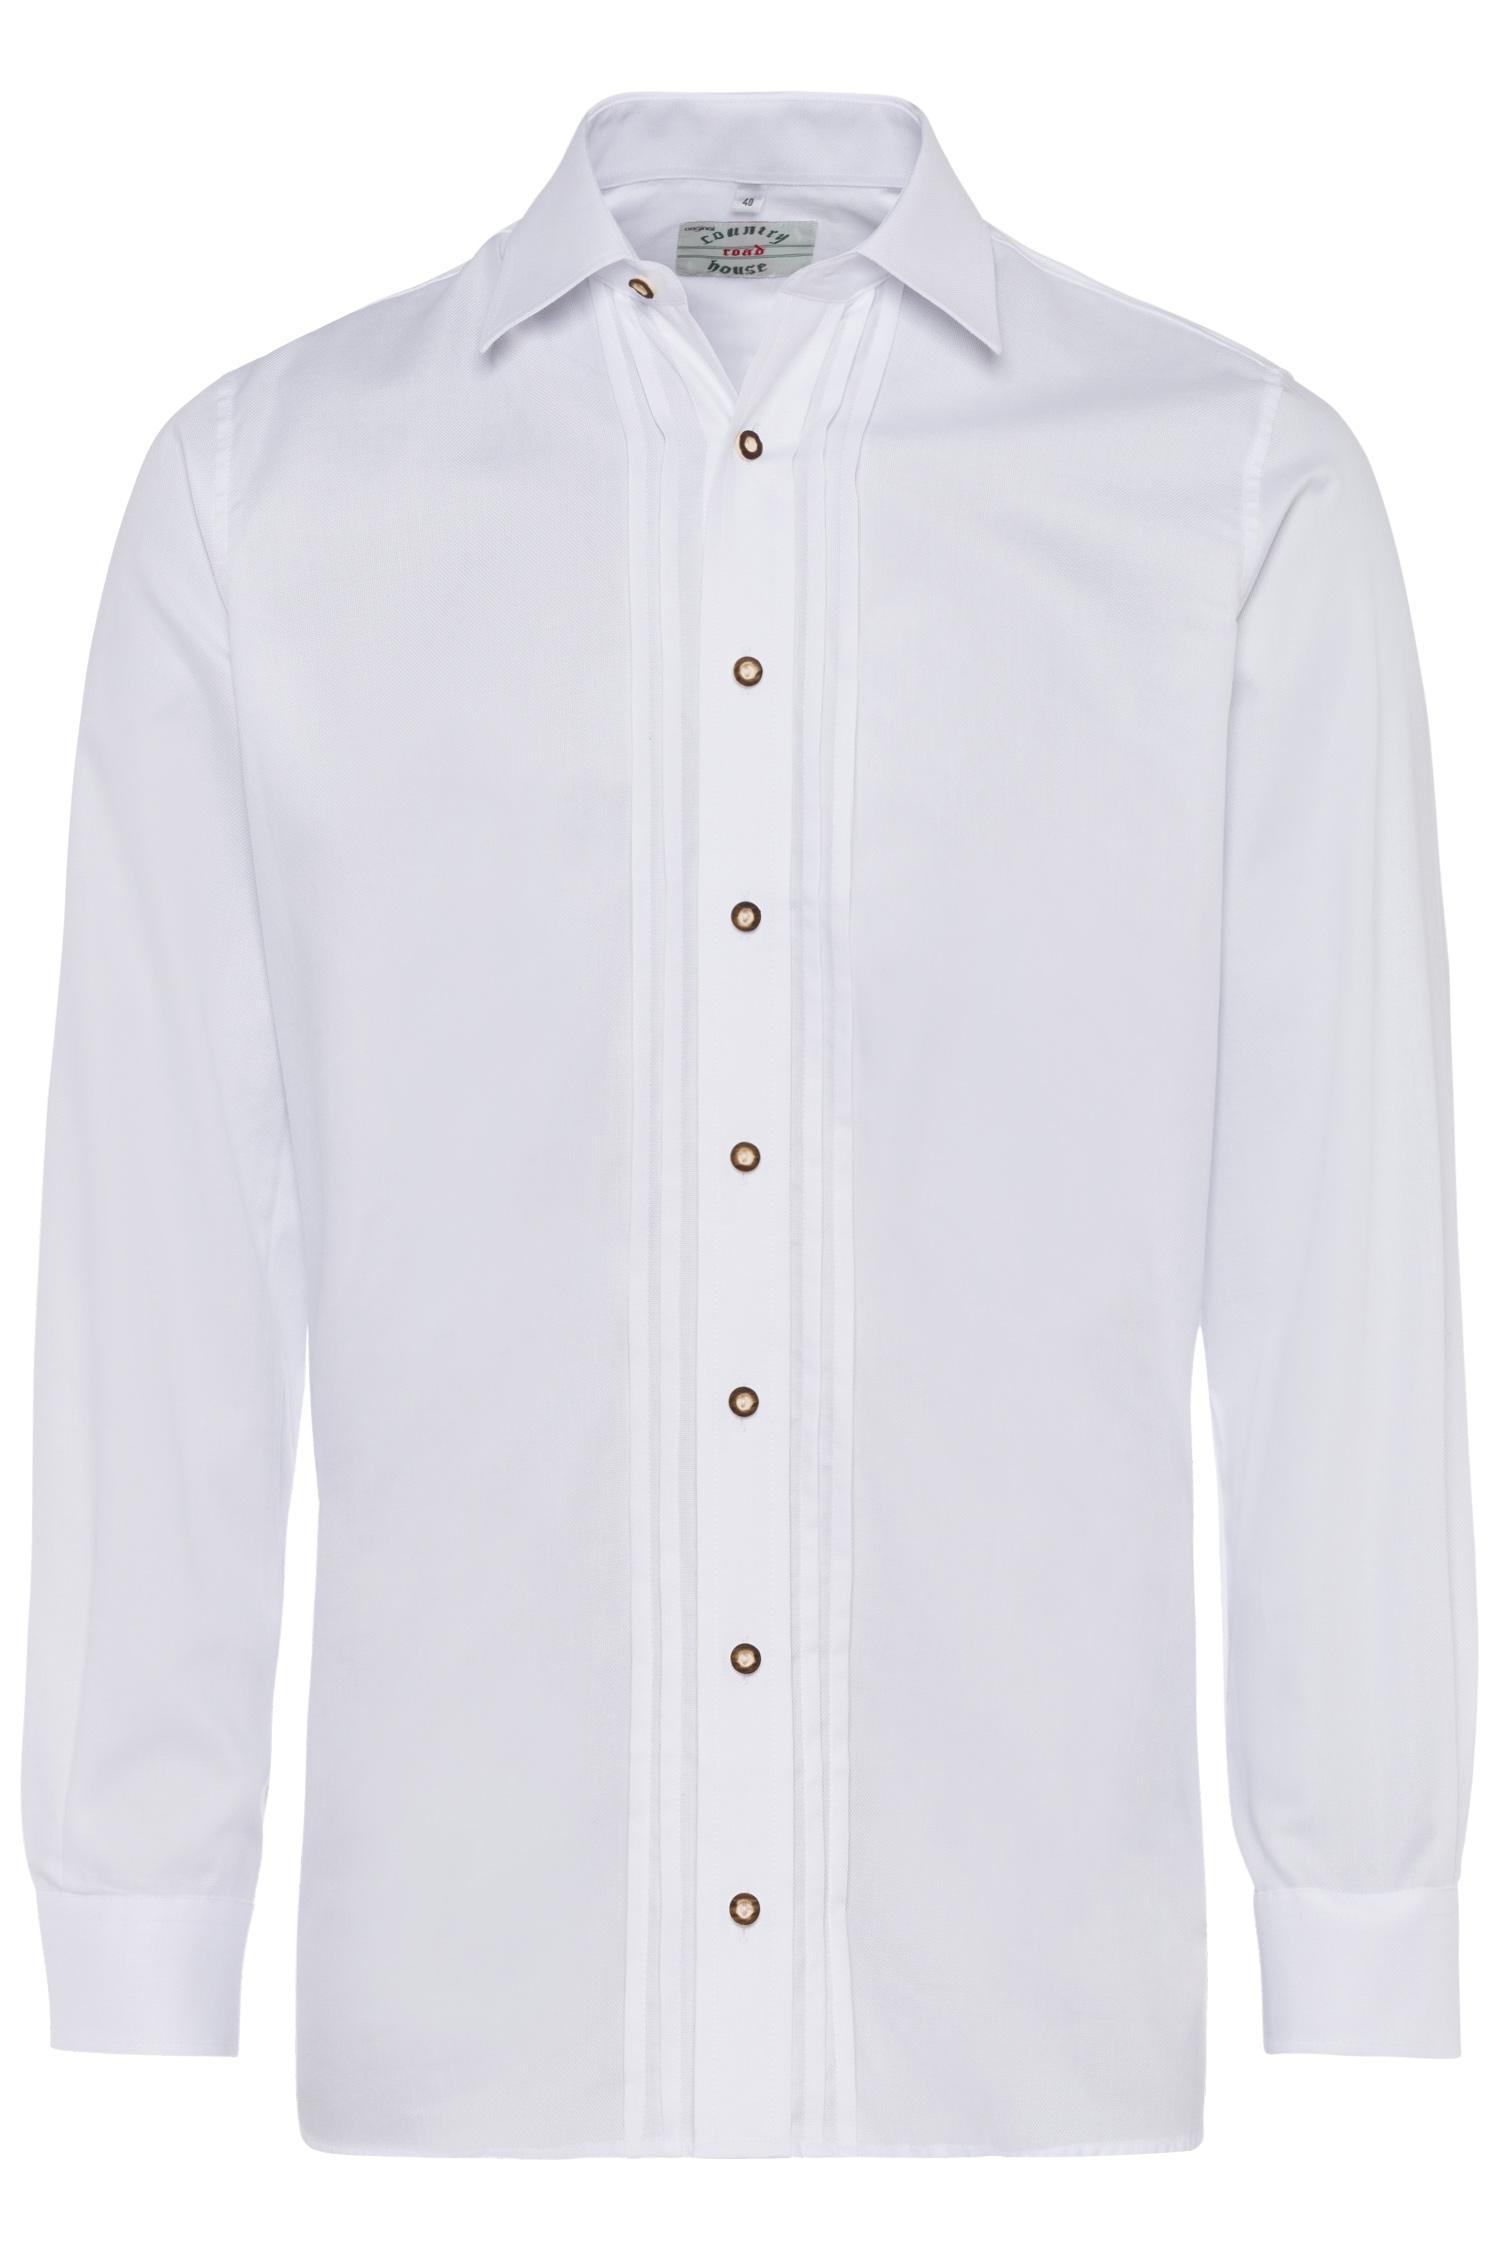 Trachtenhemd 42 | 1 weiß